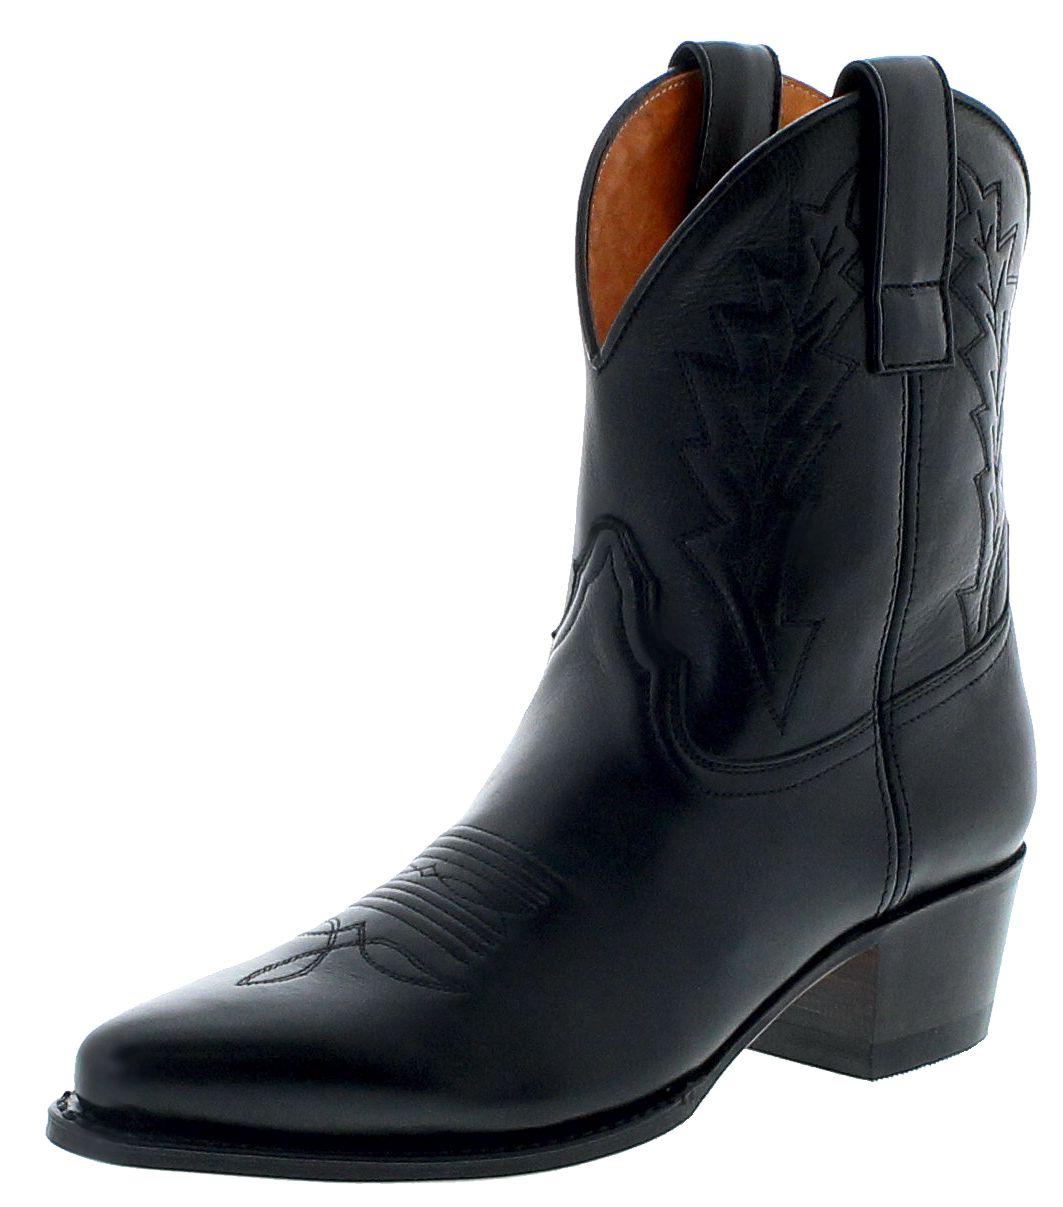 Sendra Boots 16367 Negro Damen Westernstiefelette - schwarz